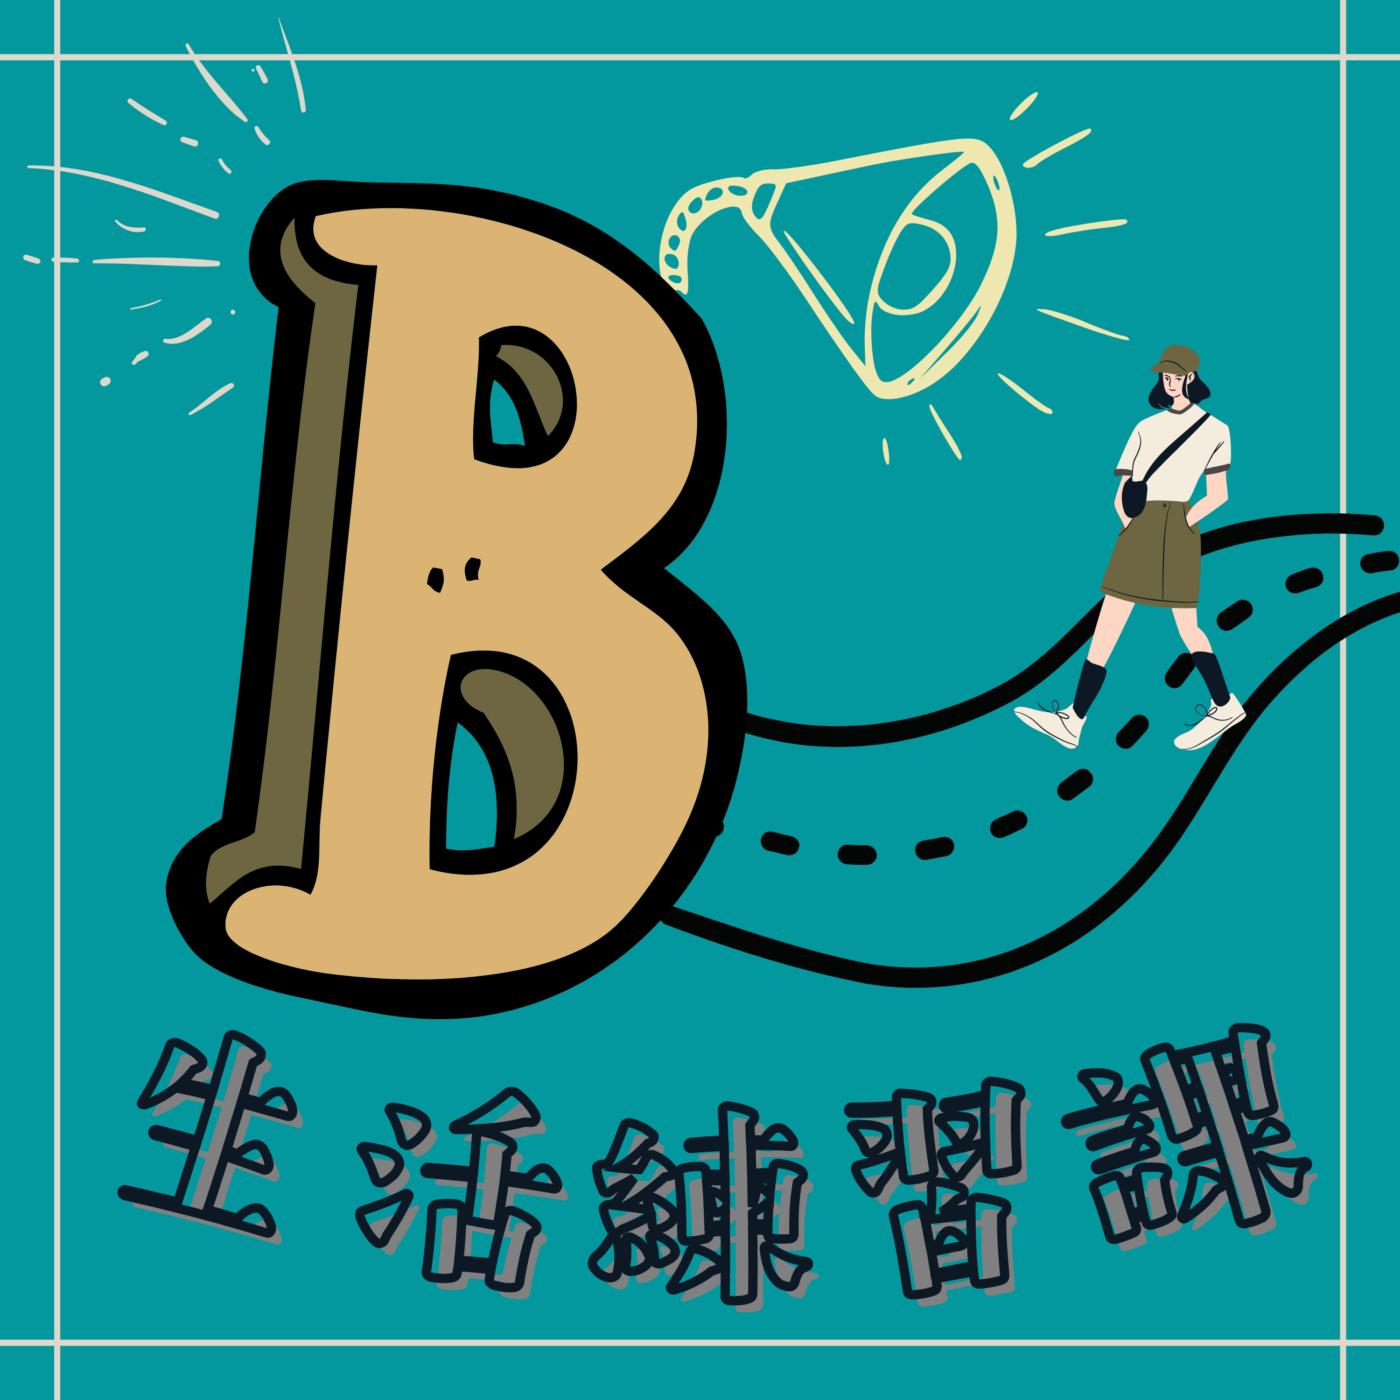 B生活練習課 (廣東話PODCAST)